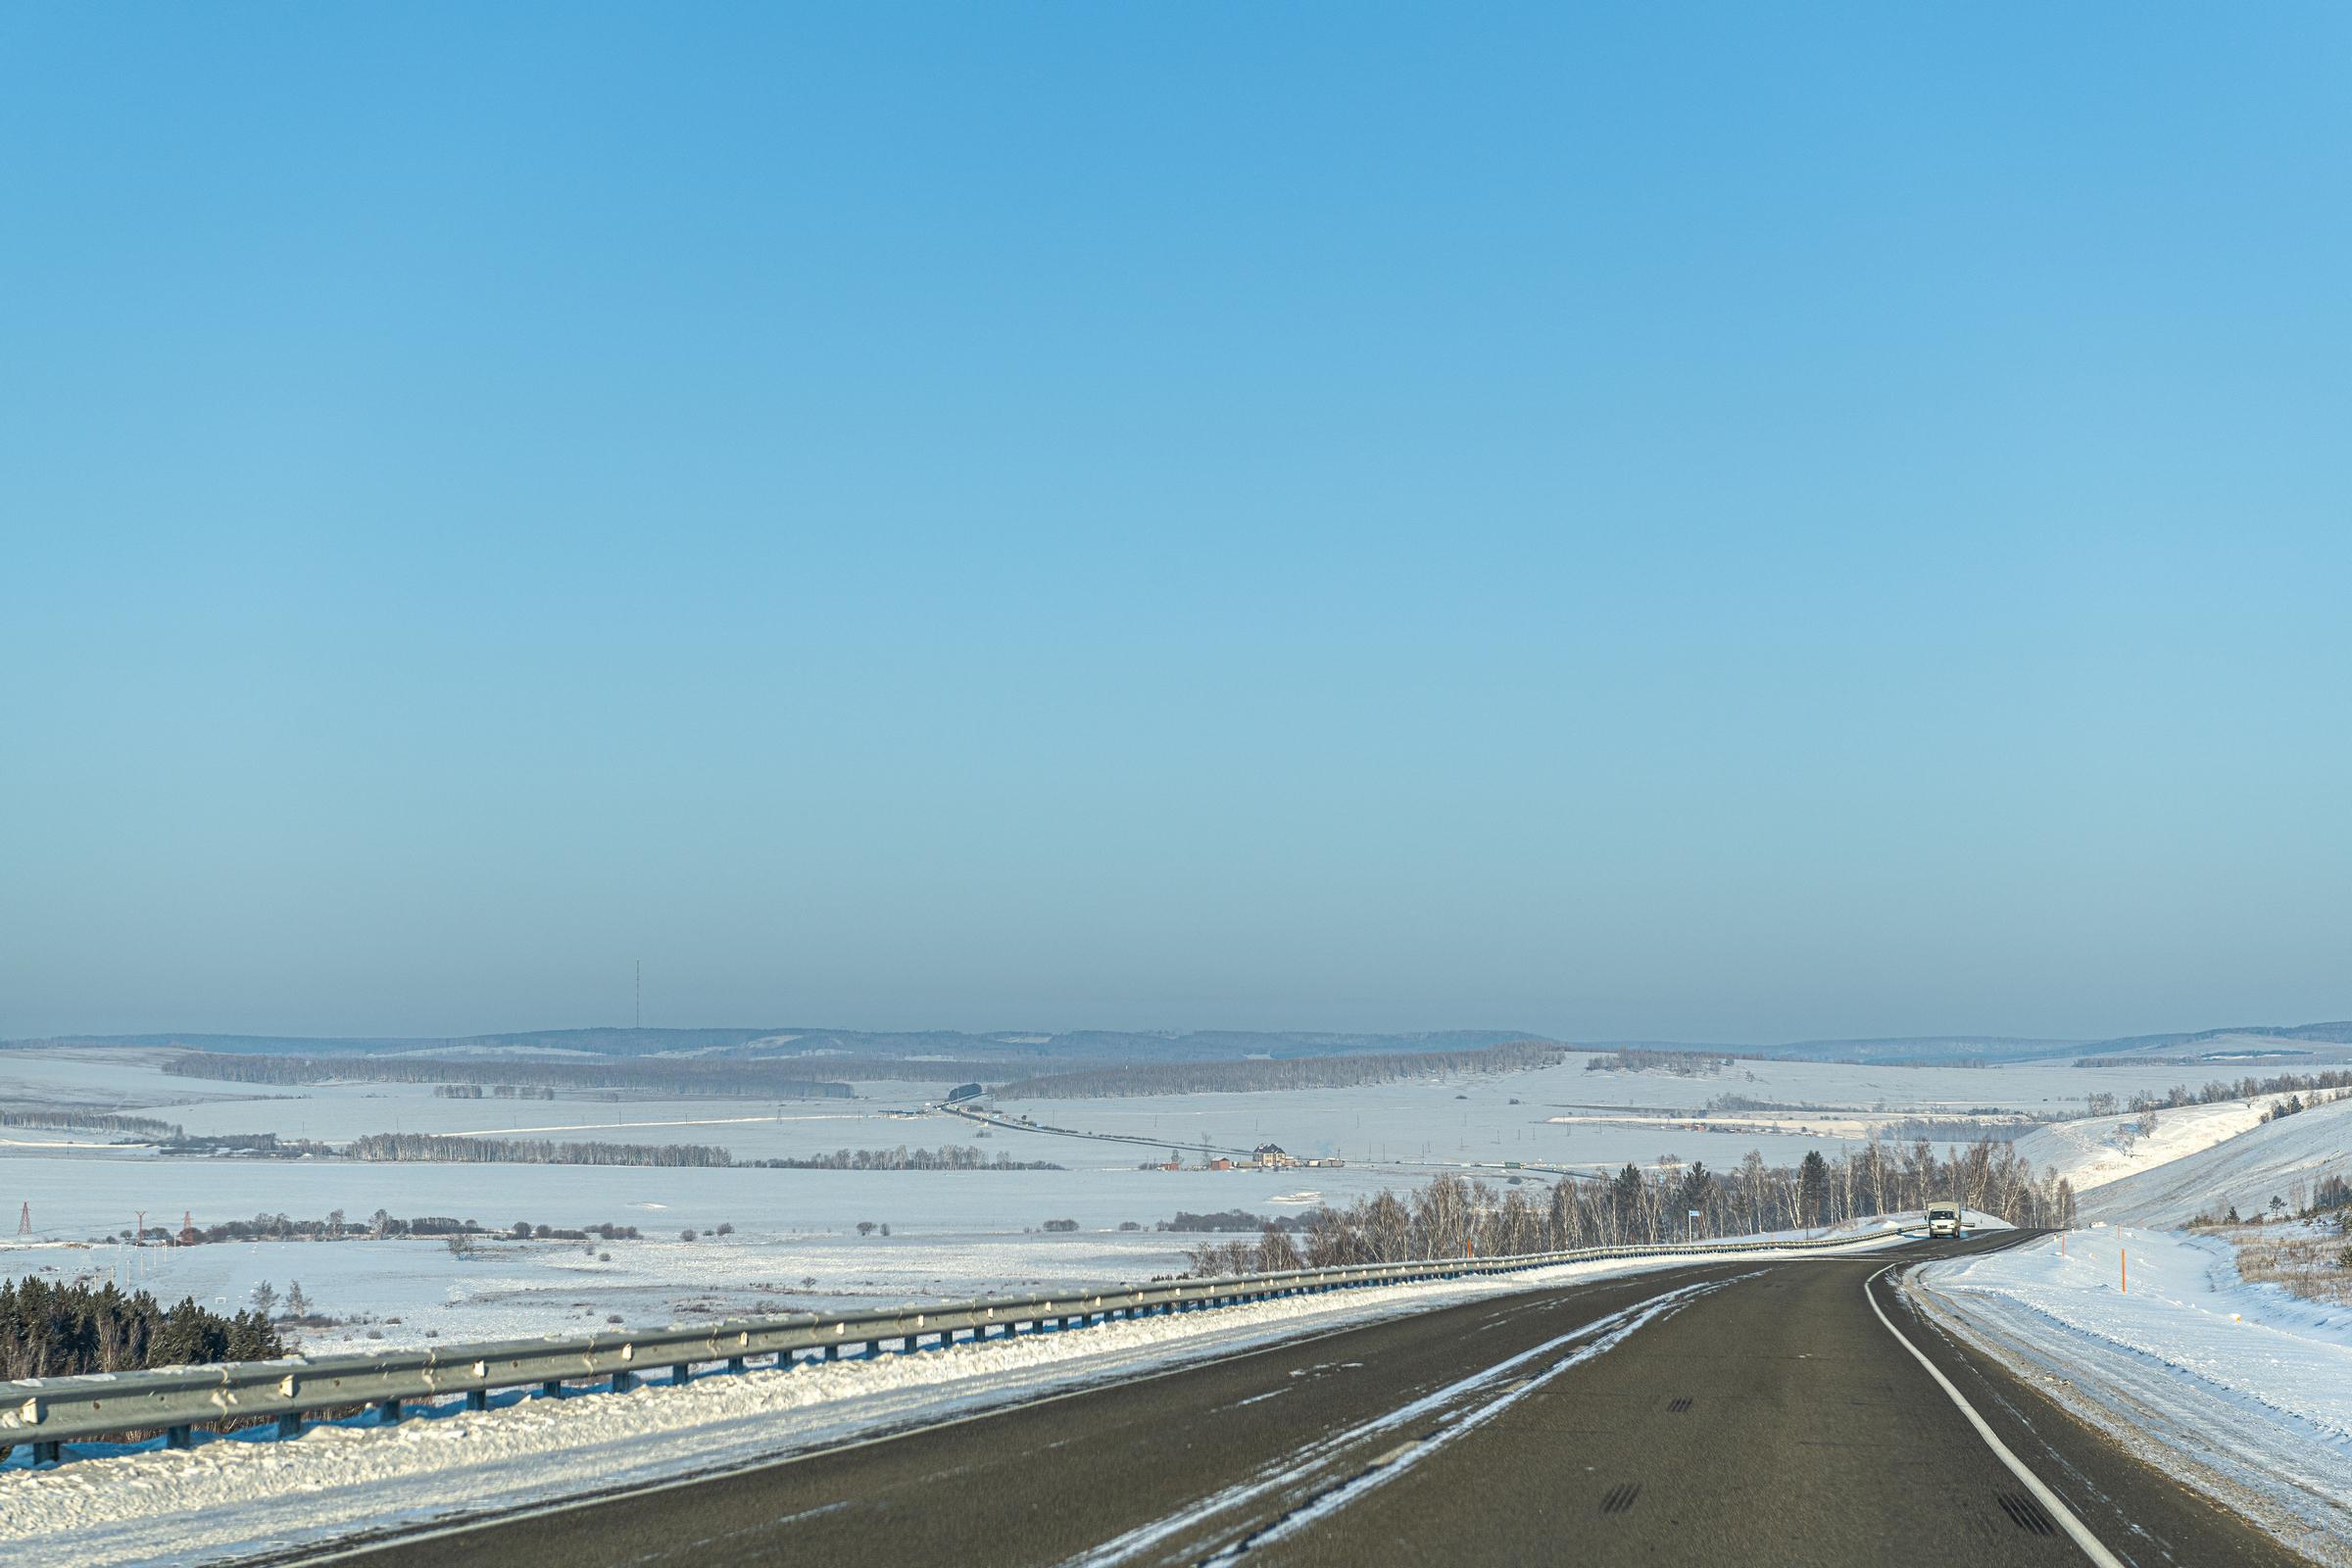 700公里的西伯利亚之行,伊尔库茨克-泰舍特,又是美好的一天。